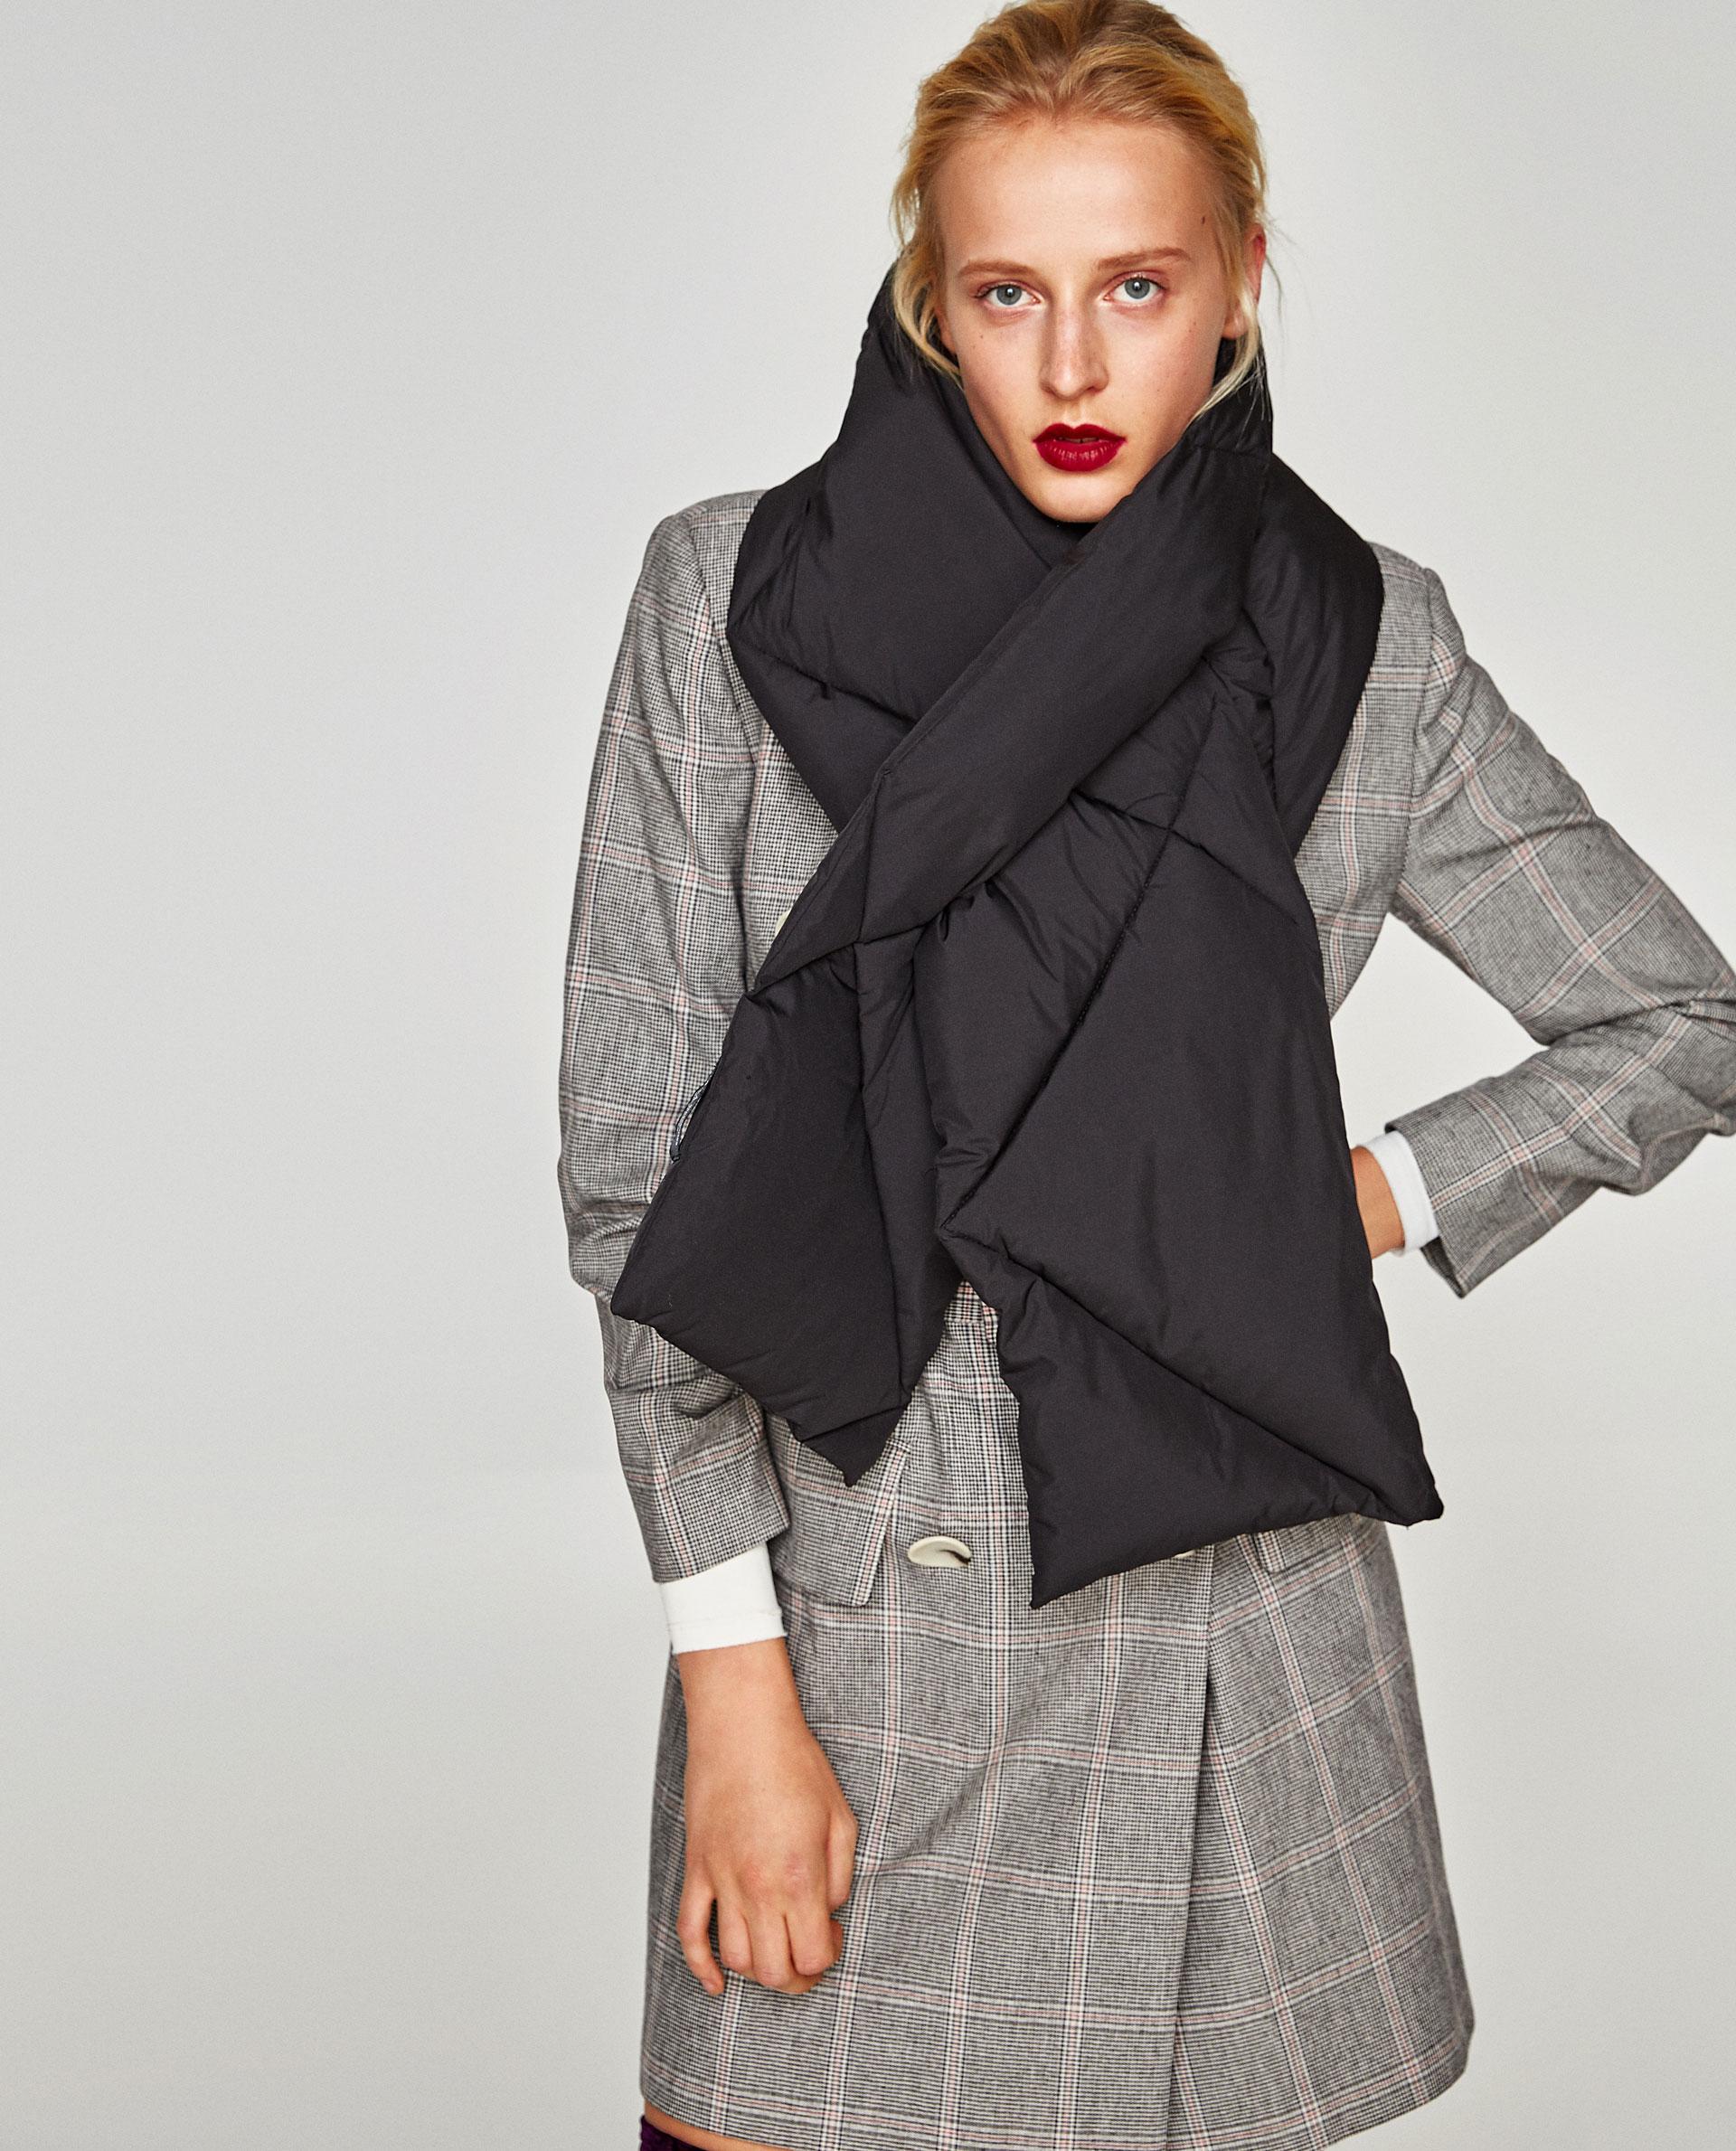 Фото: Где купить стеганый шарф: стильные модели до 2 тысяч рублей